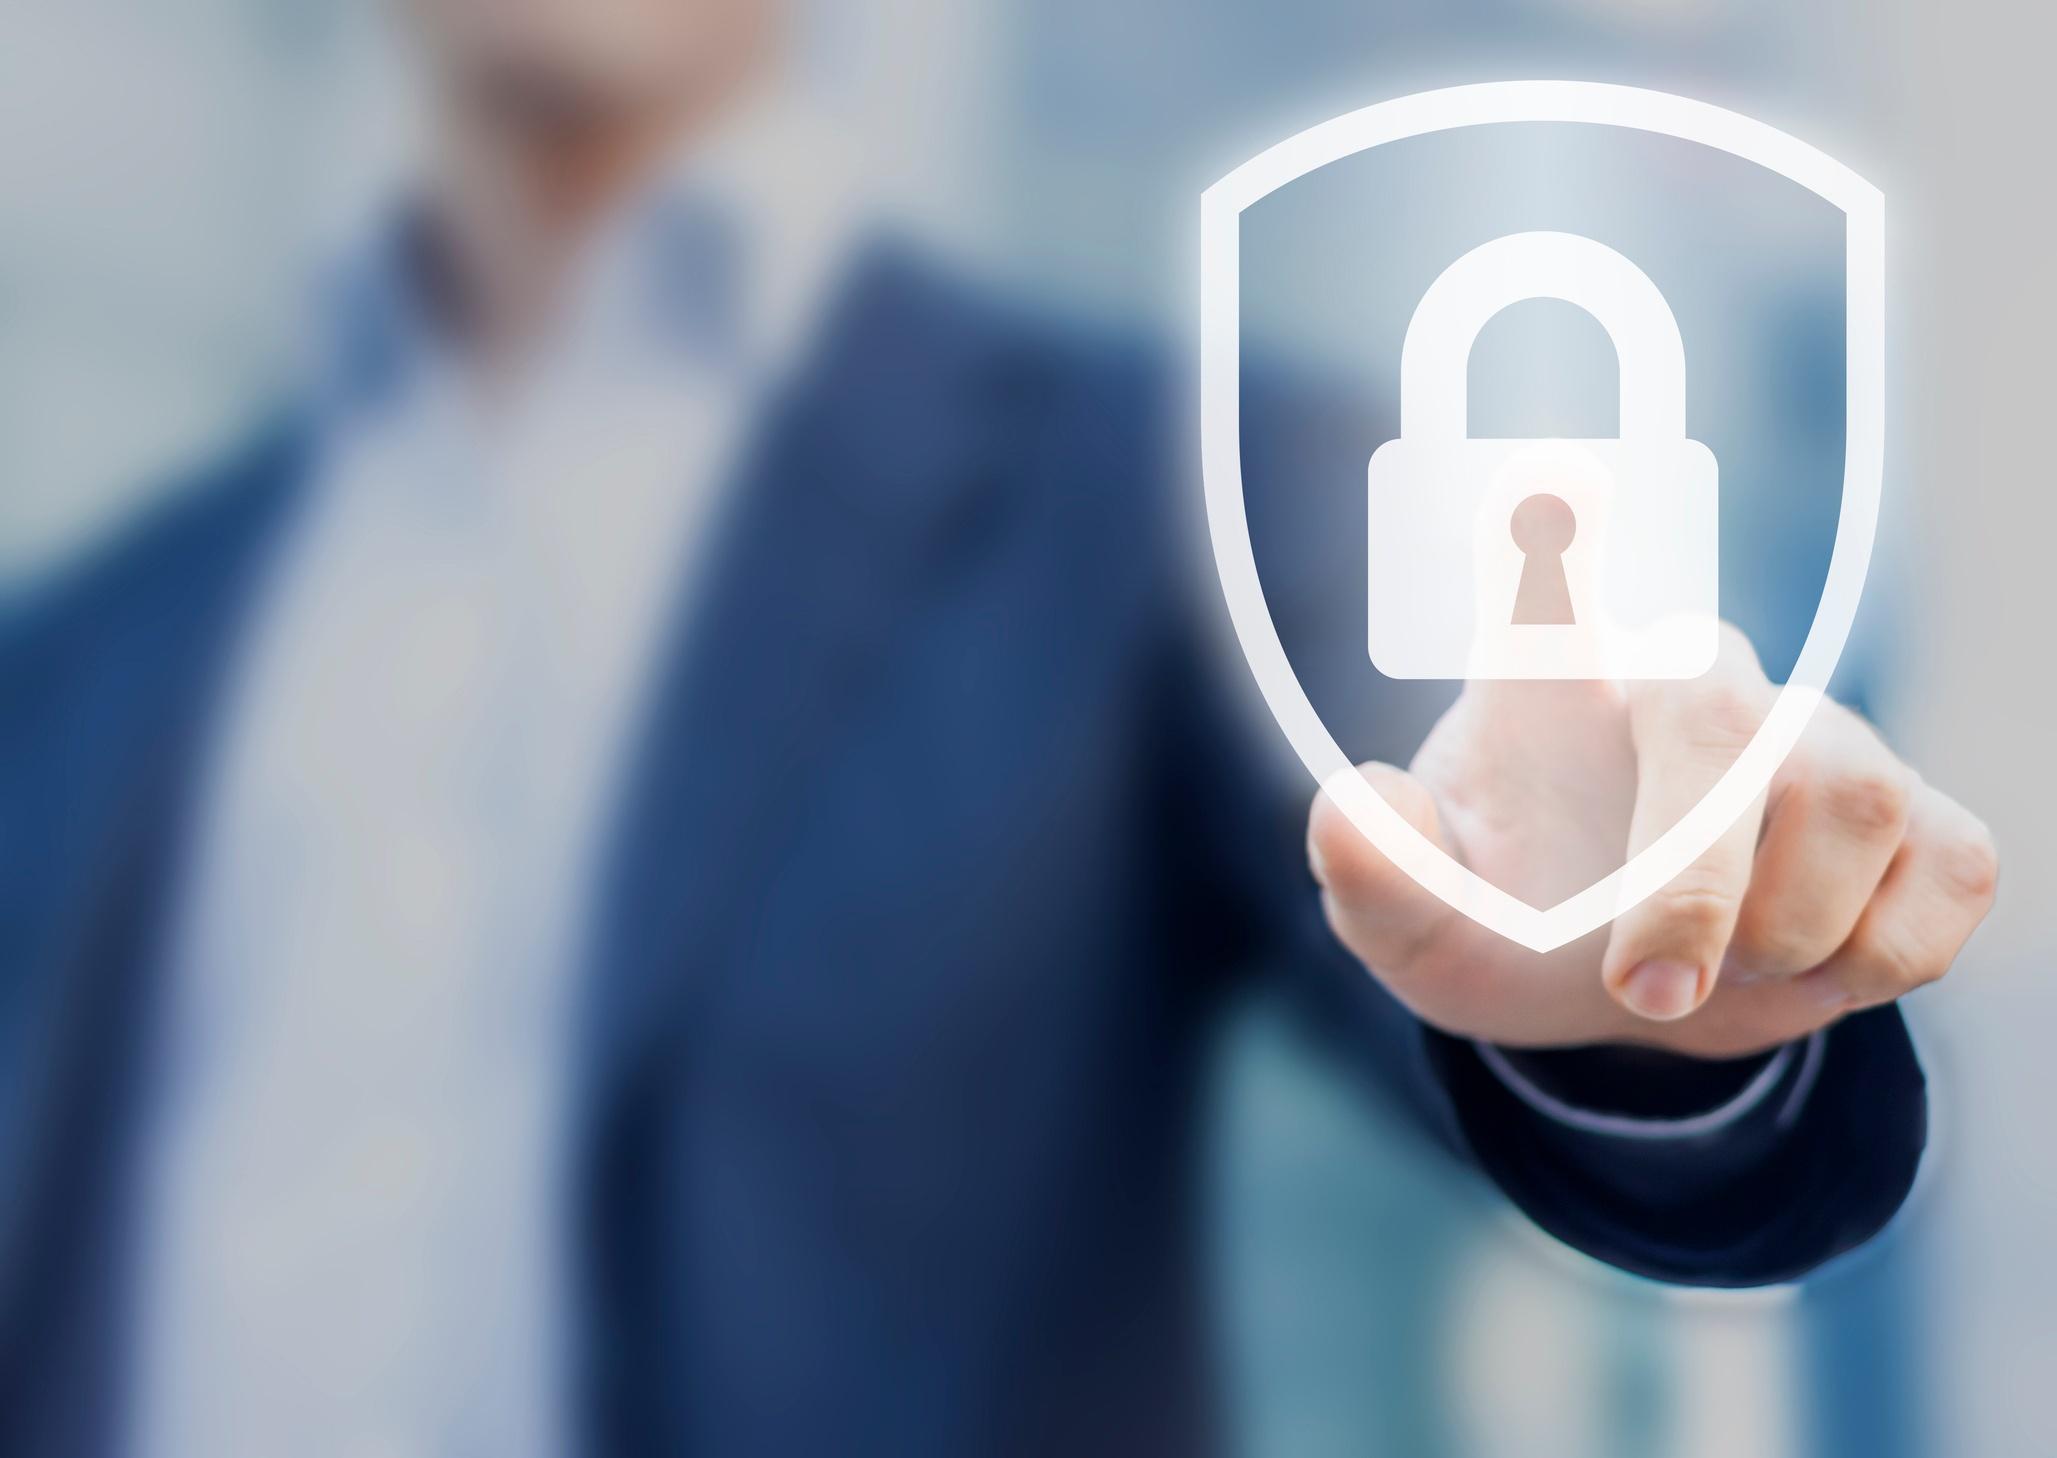 ¿Por qué es tan importante la seguridad de los datos en MDM?